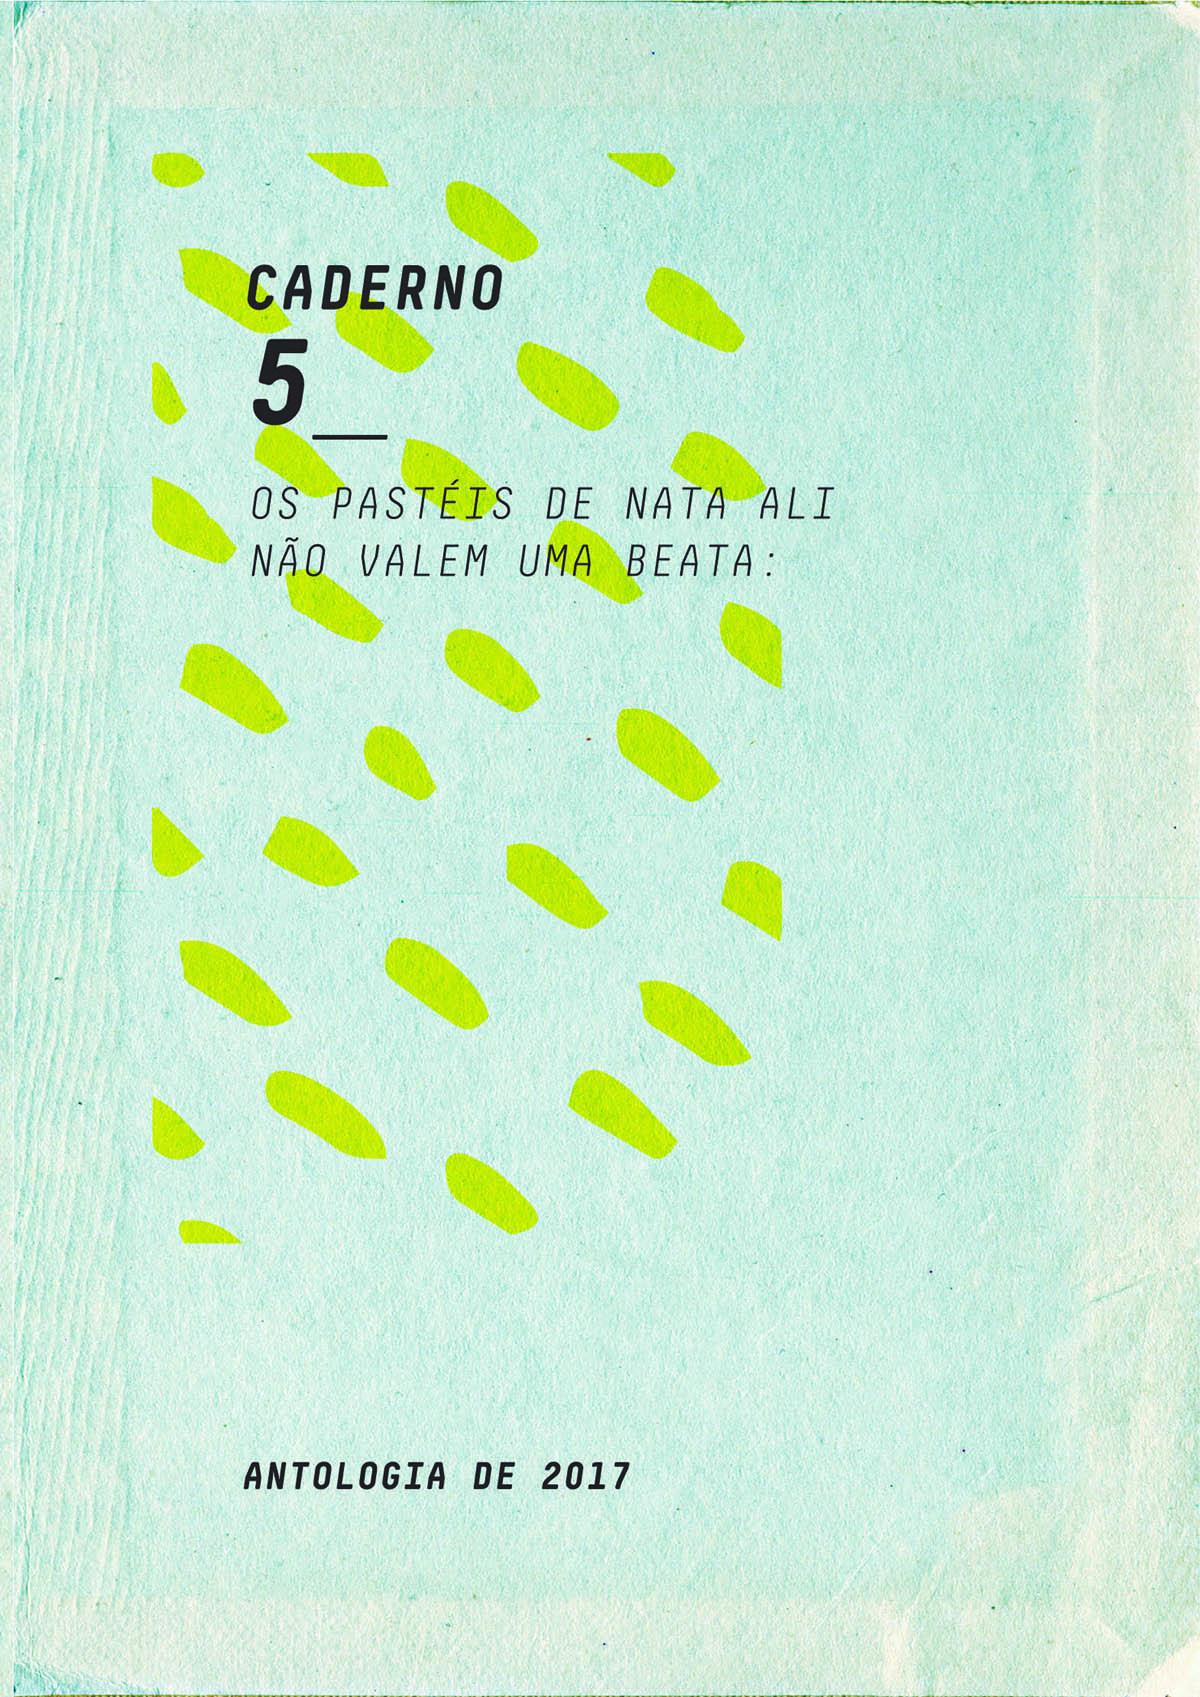 caderno 5_capa.jpg